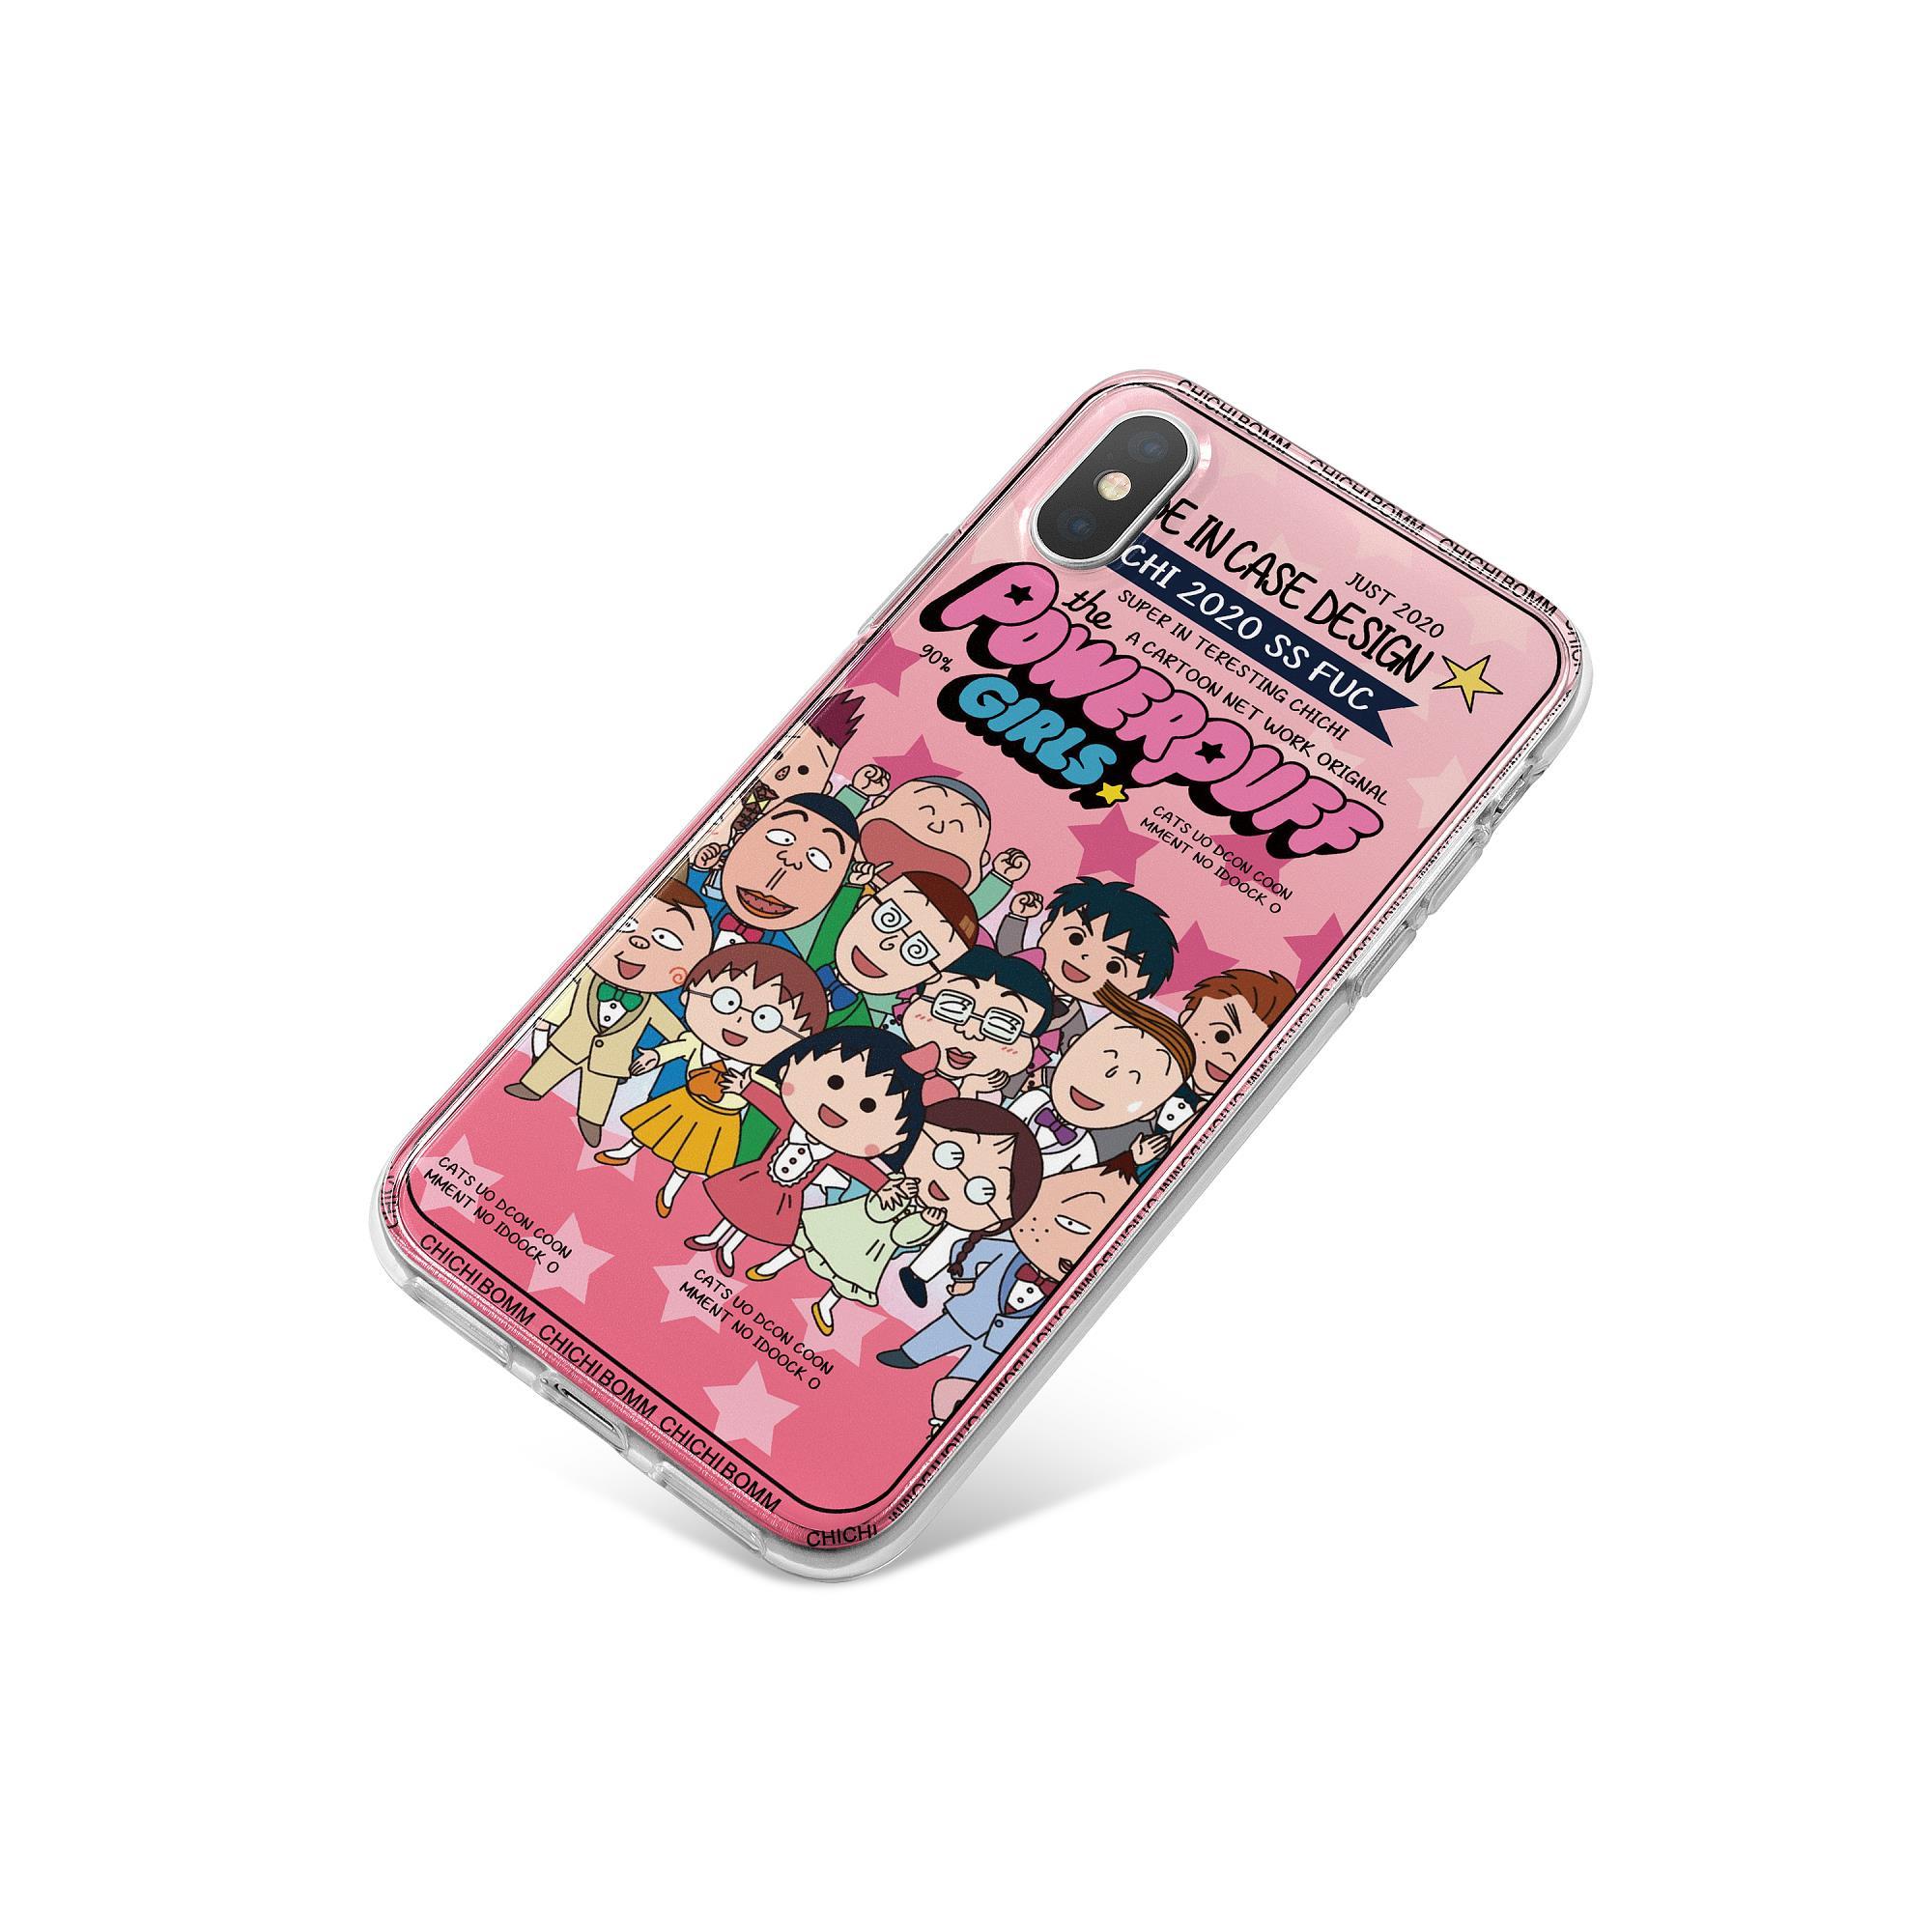 中國代購|中國批發-ibuy99|小米手机|原创卡通樱桃小丸子手机壳适合iPhone12/11华为p40vivo/OPPO小米